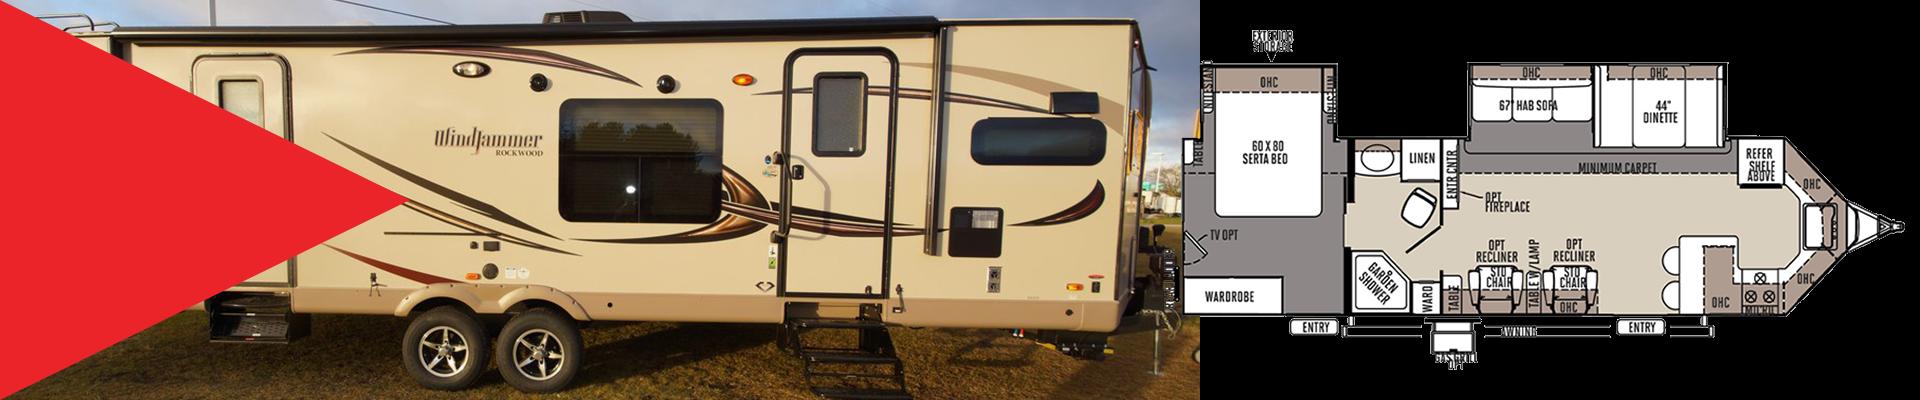 Forestriver Windjammer travel trailer